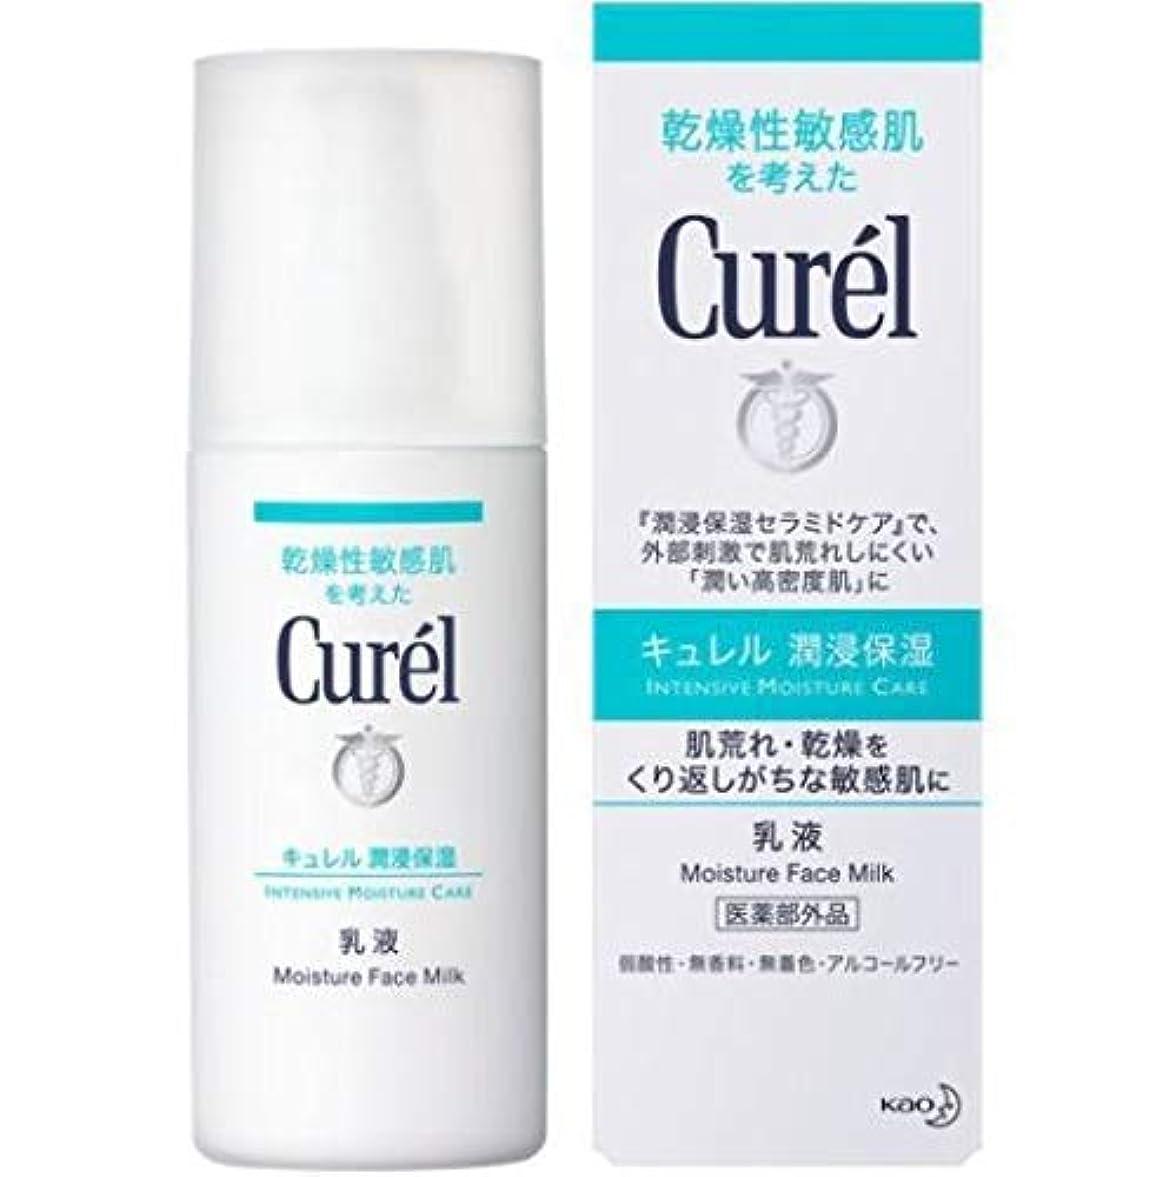 言語メンタルトラックCurél キュレルの保湿集中治療保湿フェイスミルクは120ミリリットルは、お肌の自然なバリア機能を向上させ落ち着かせると乾燥から肌を保護するために-helps